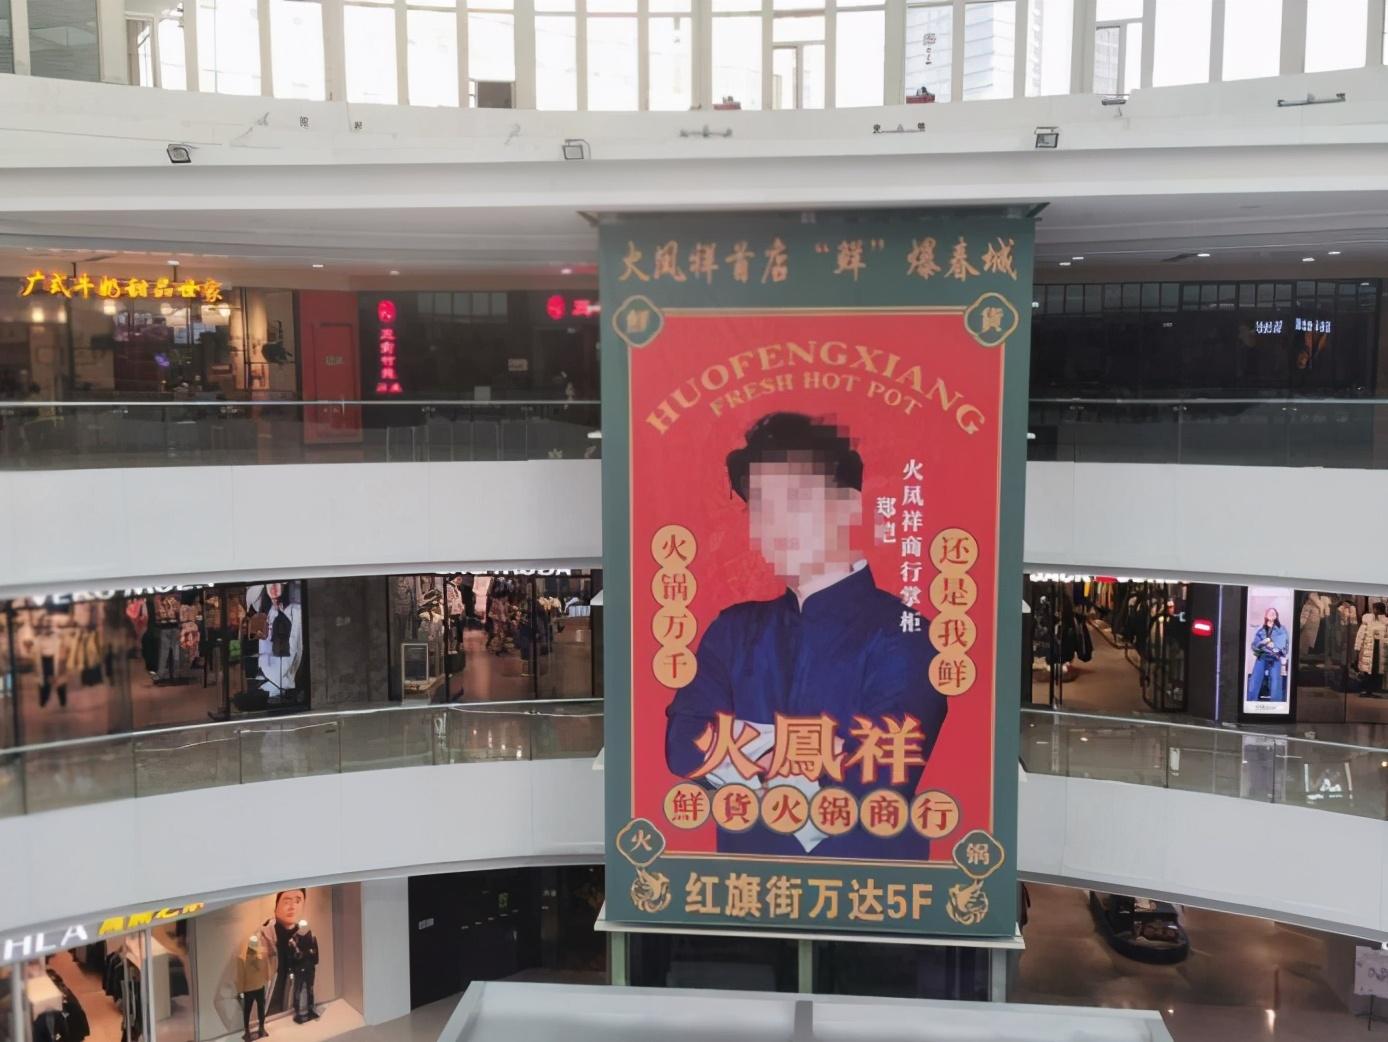 火凤祥长春加盟店疑非法雇童工 跑男明星郑恺被指为该店掌柜